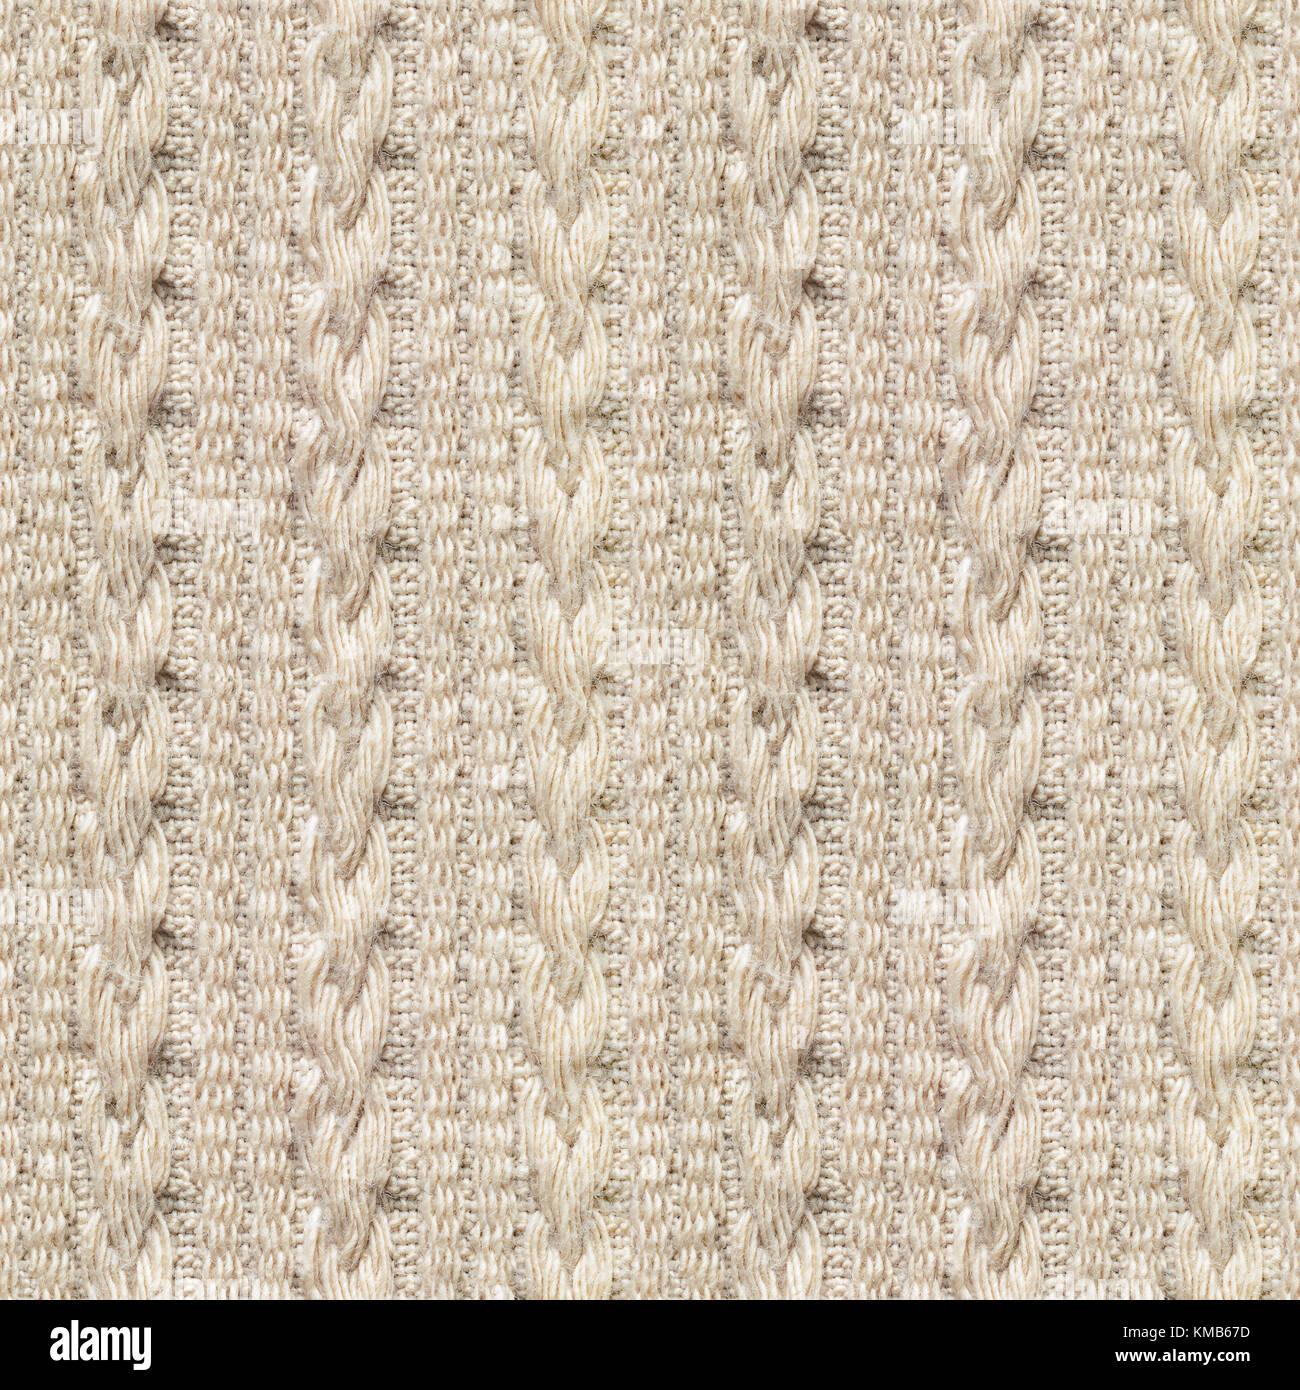 Beige Knitwear Imágenes De Stock & Beige Knitwear Fotos De Stock - Alamy